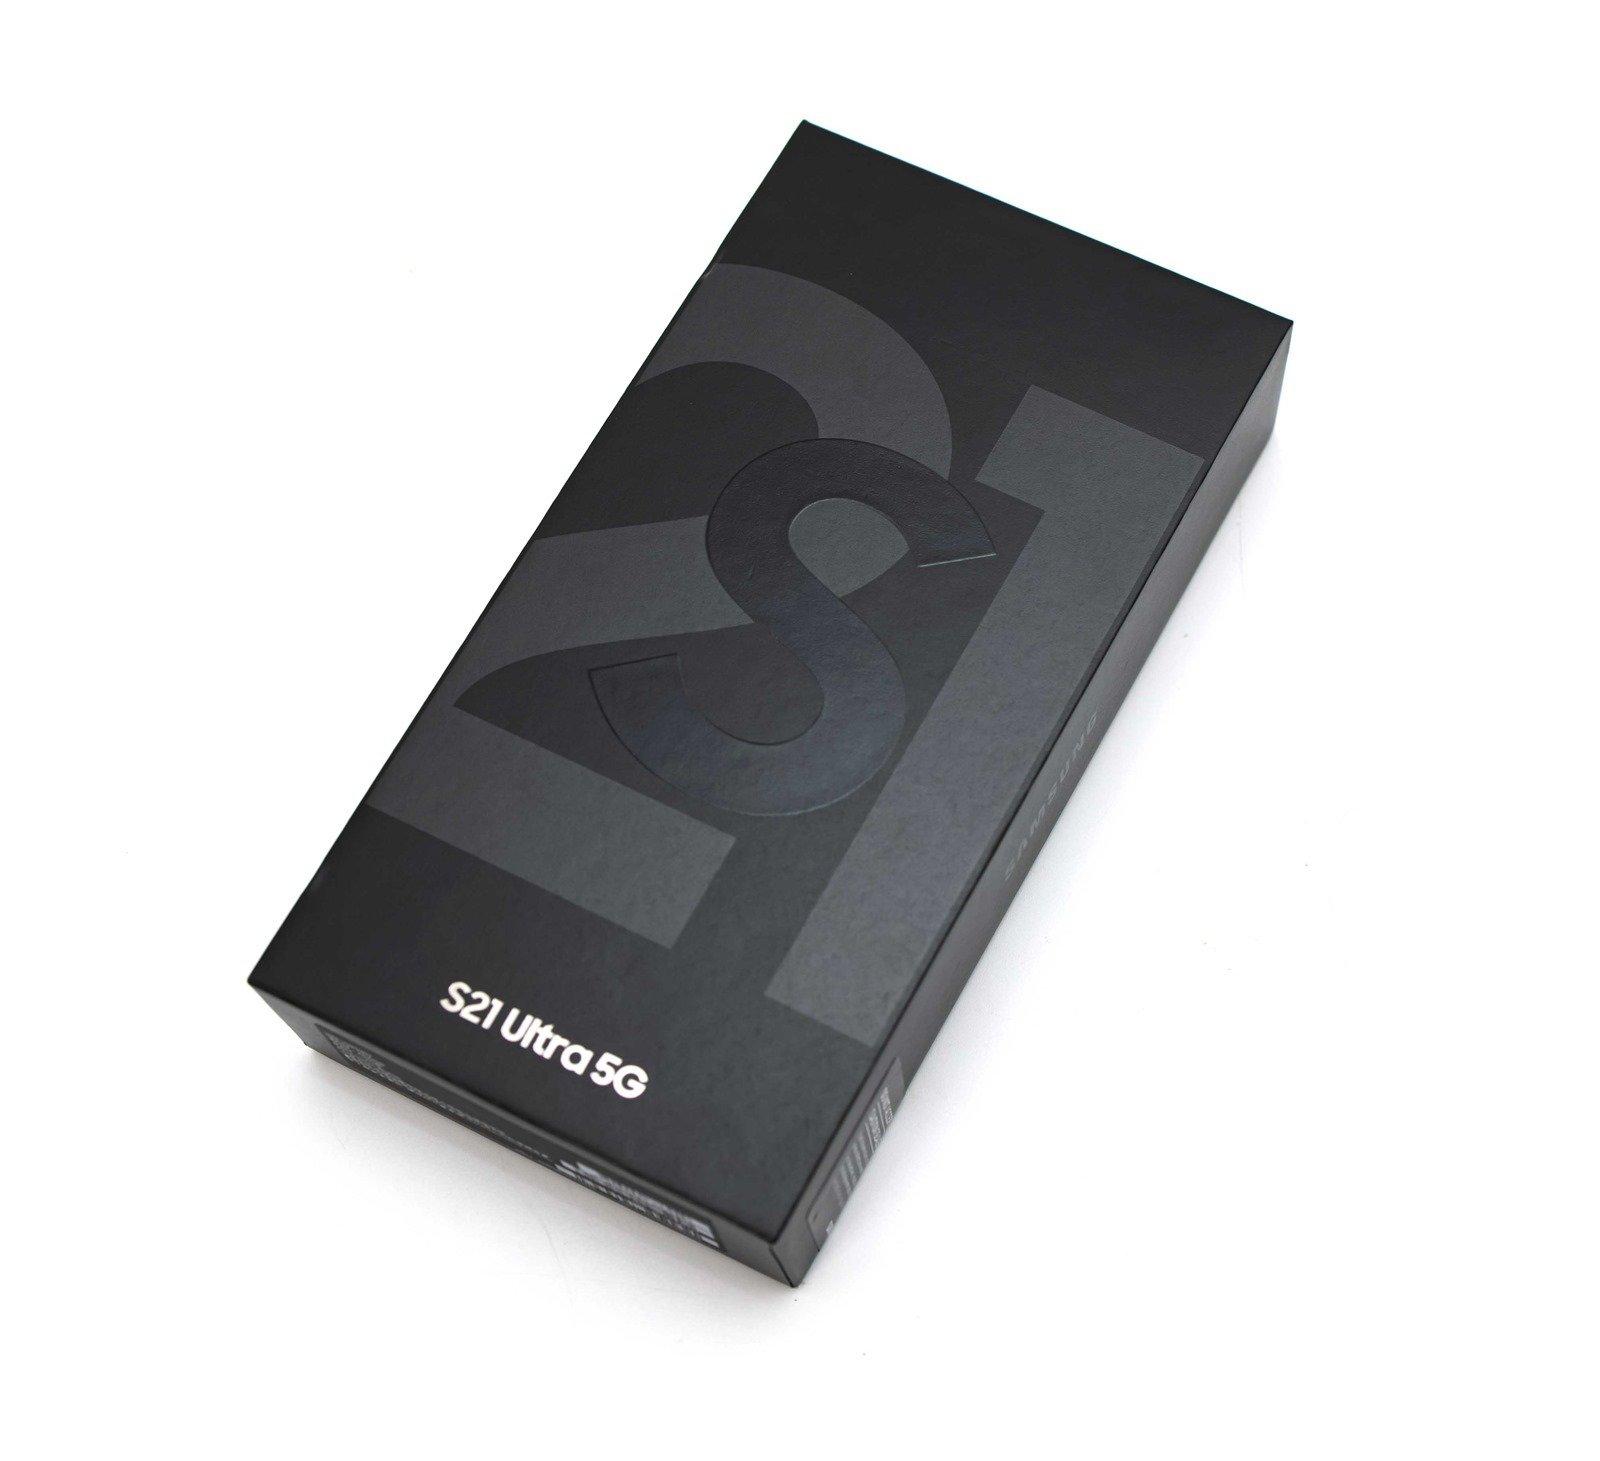 (台灣版本盒裝新機) 三星 Galaxy S21 Ultra 快速開箱,看看全新盒裝裡面有什麼?!(Galaxy S21 Ultra unboxing) @3C 達人廖阿輝